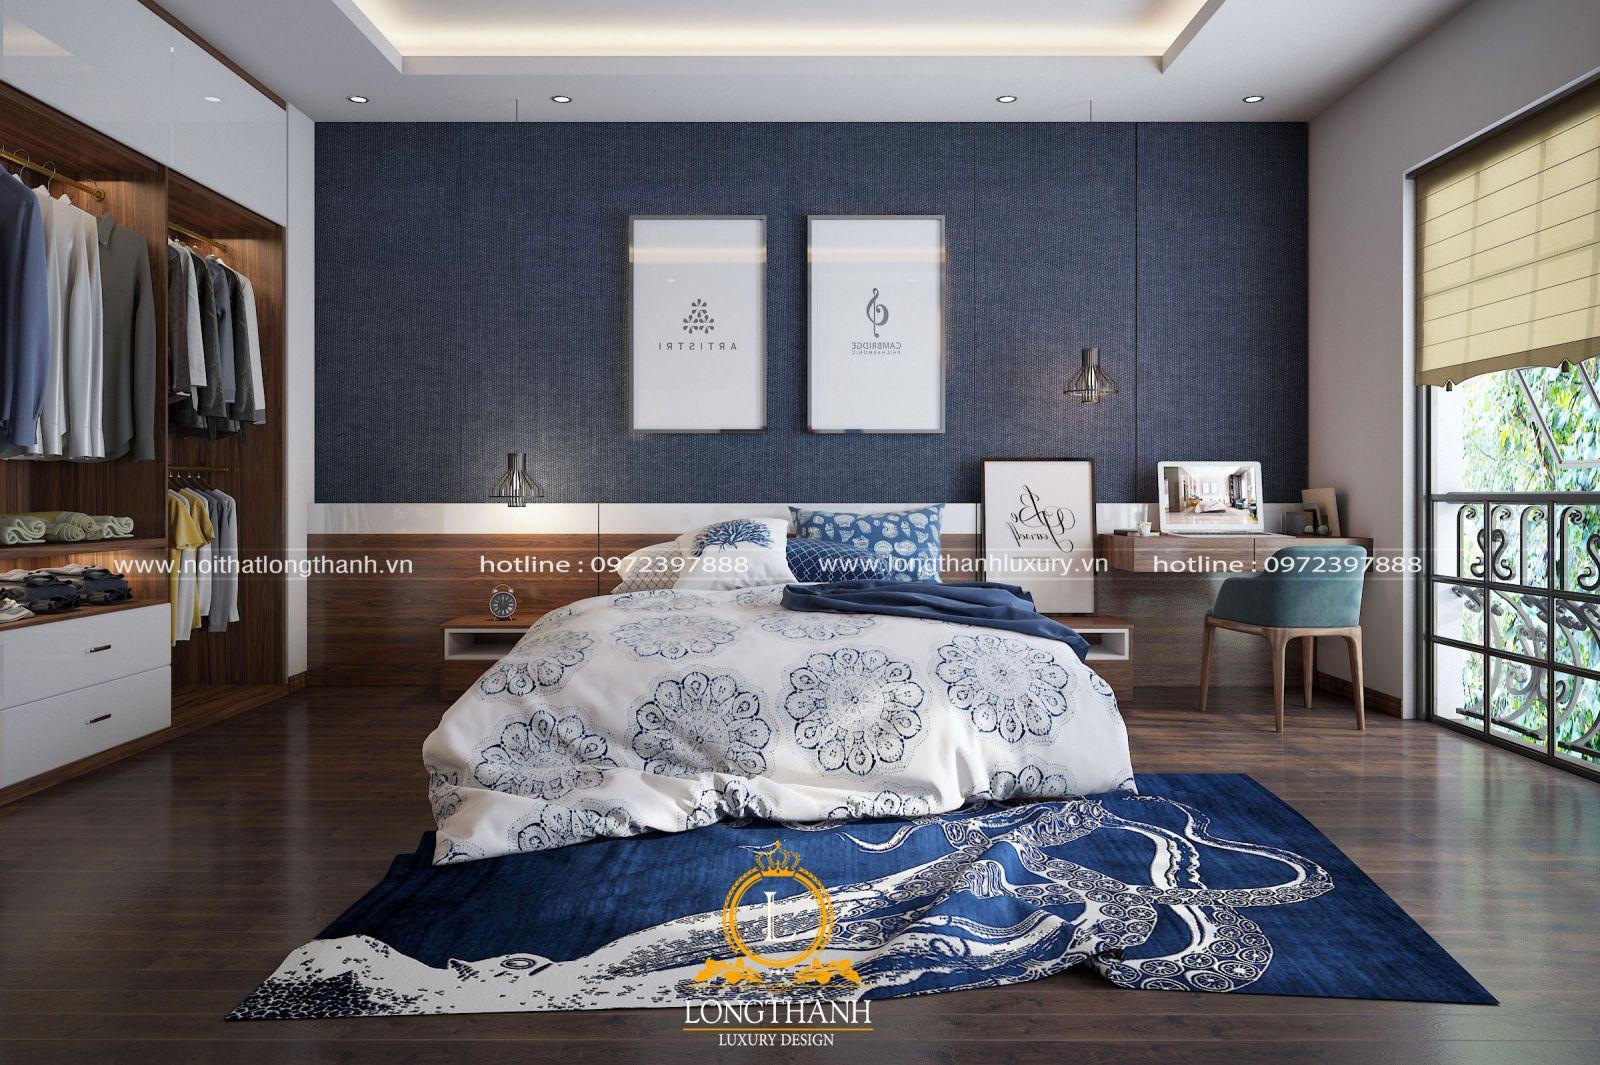 Phòng ngủ cao cấp với thiết kế cá tính, mạnh mẽ